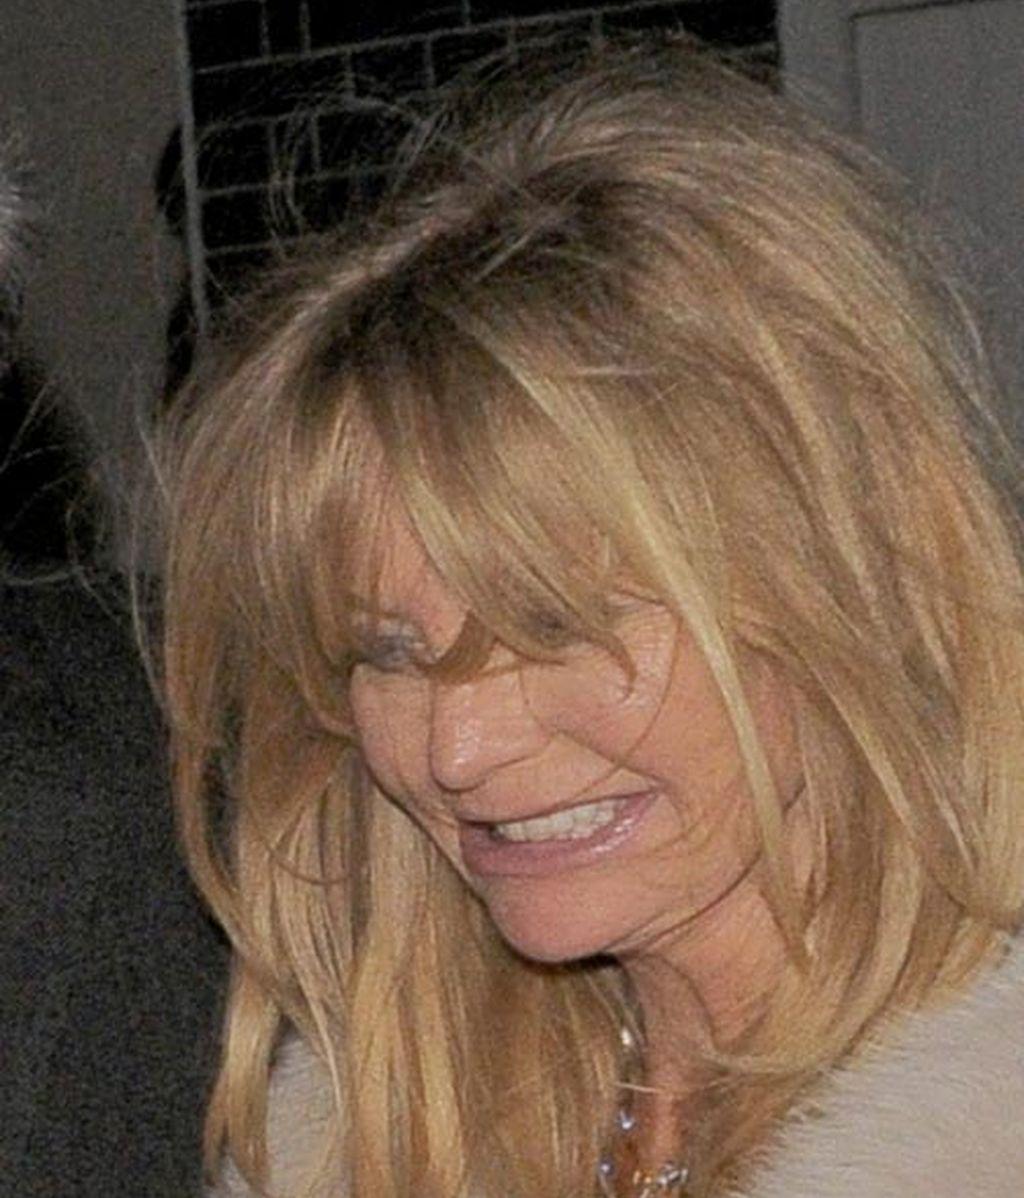 Goldie Hawn: Esta noche hay una... cena benéfica, vayamos todos a la cena benéfica